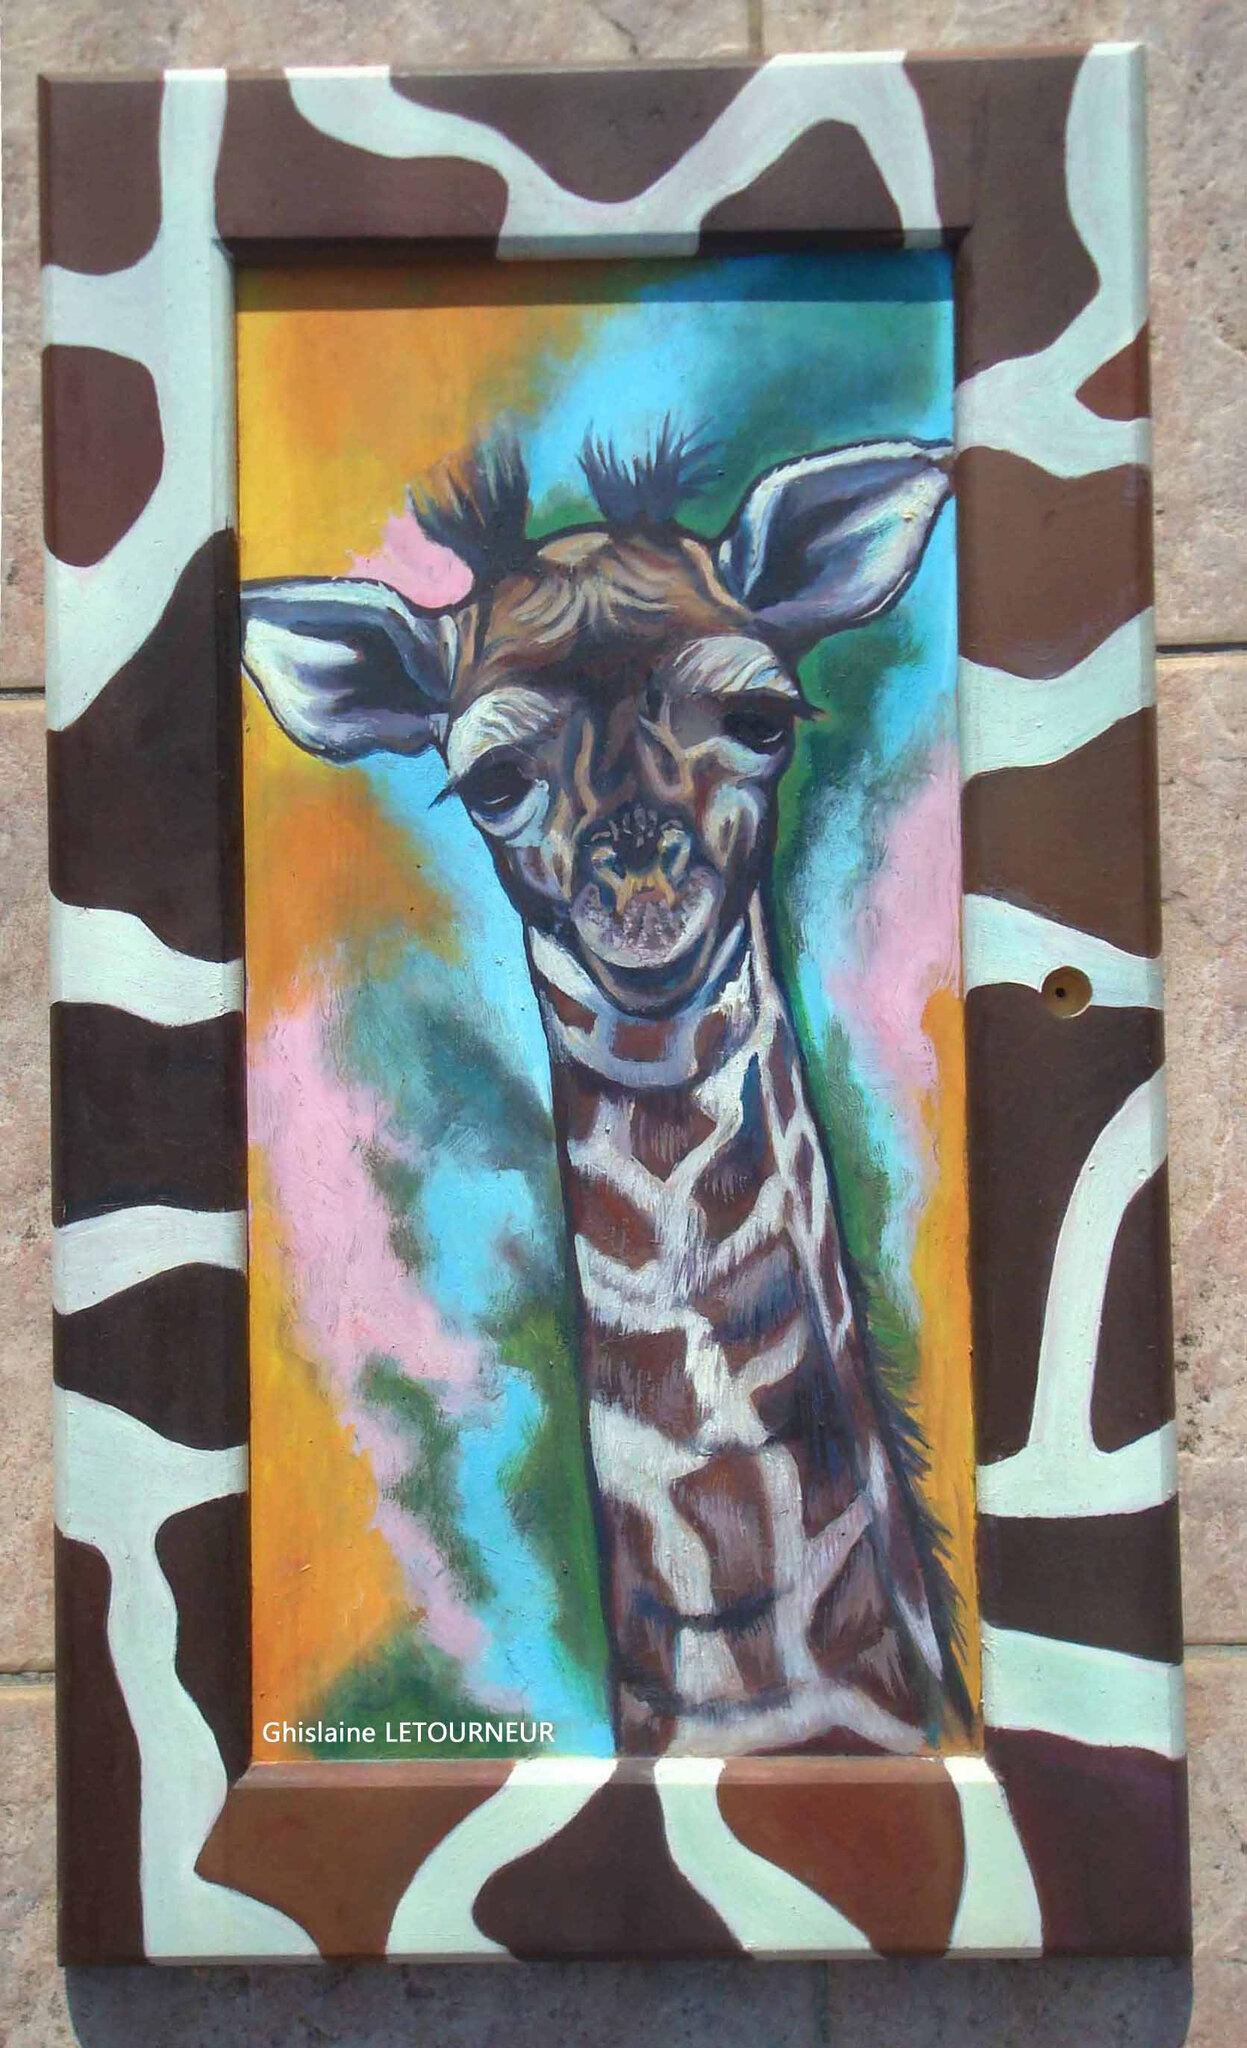 Peinture à l'huile sur bois - girafon sur porte de placard - Ghislaine Letourneur BD